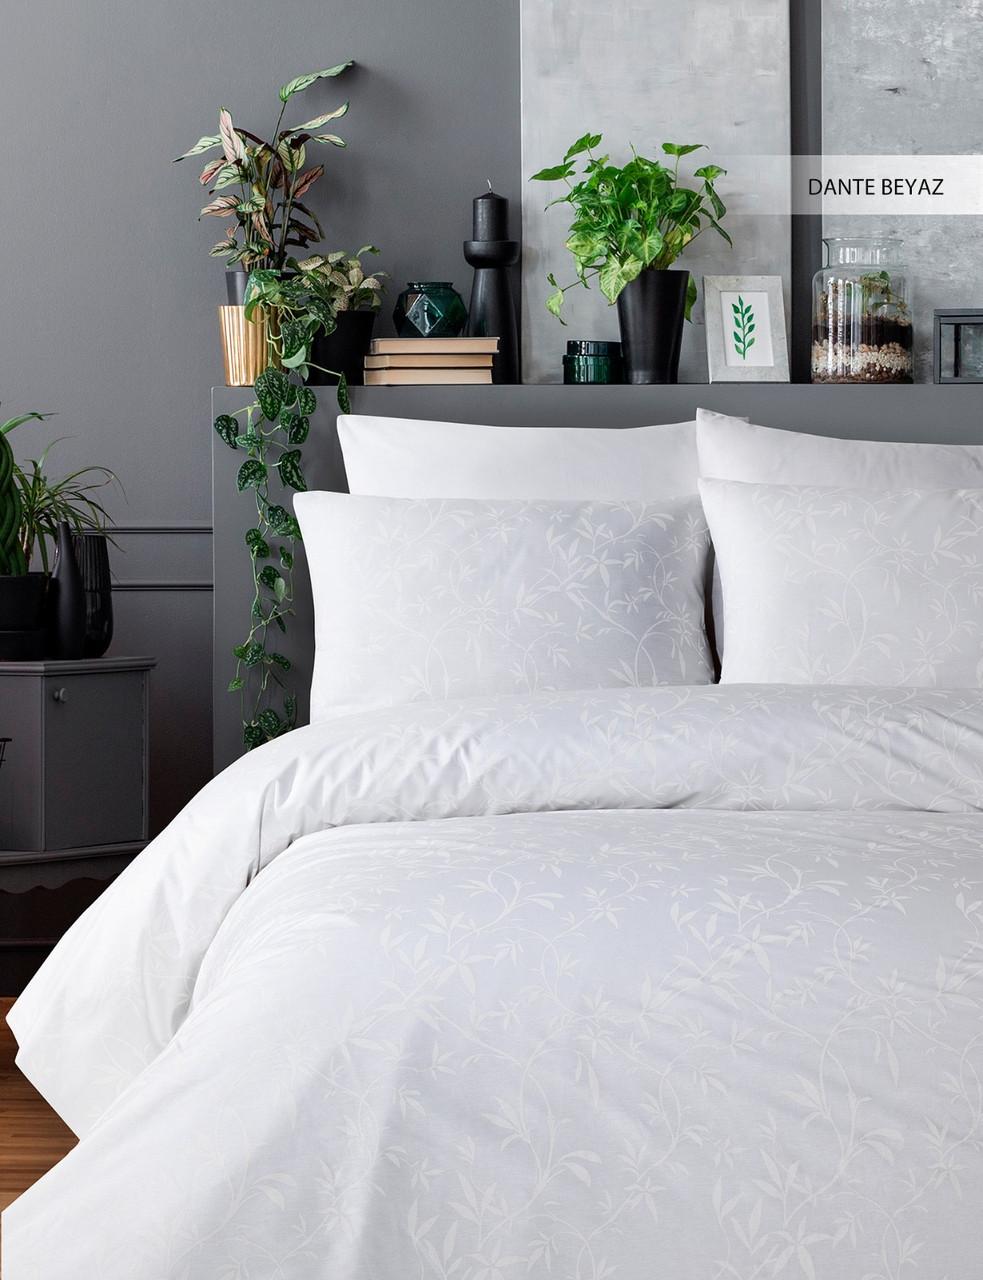 Постільна білизна Ecosse Ranforce 200х220 Dante-beyaz